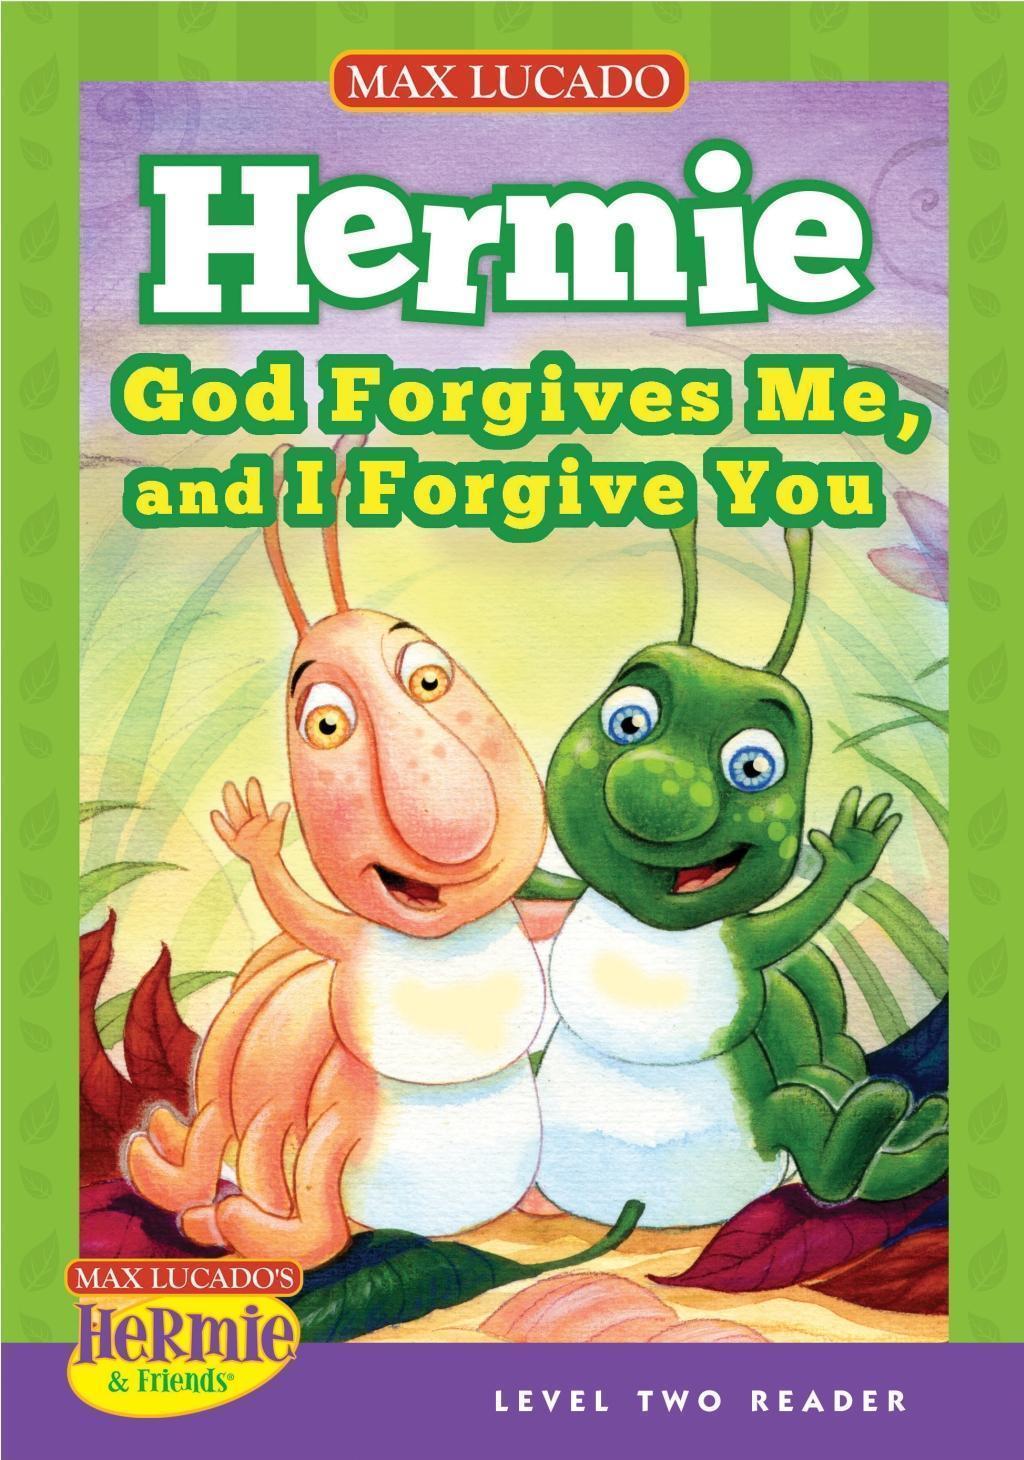 God Forgives Me, and I Forgive You